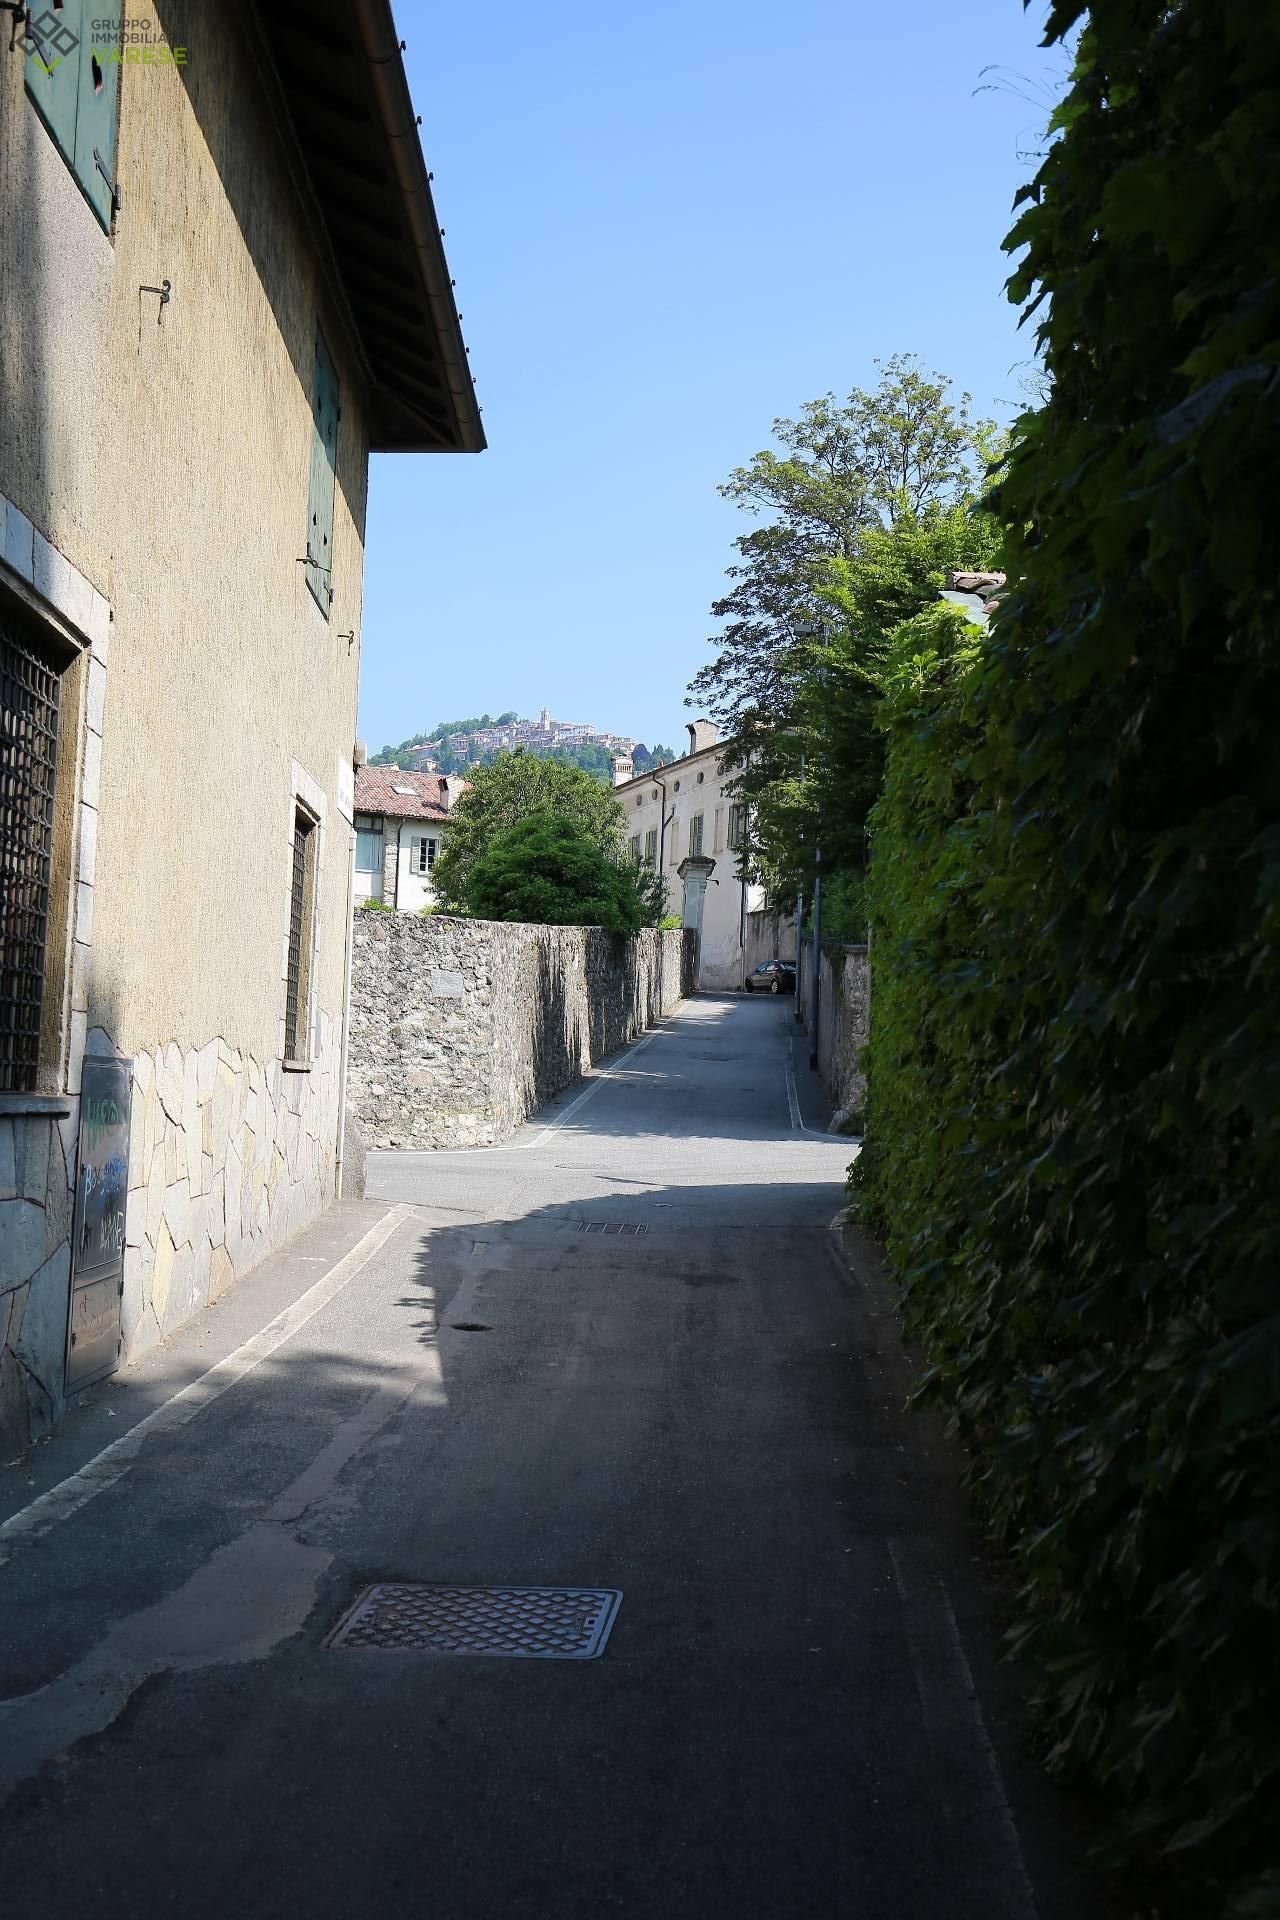 Soluzione Indipendente in vendita a Varese, 3 locali, zona Zona: Velate, prezzo € 129.000 | CambioCasa.it